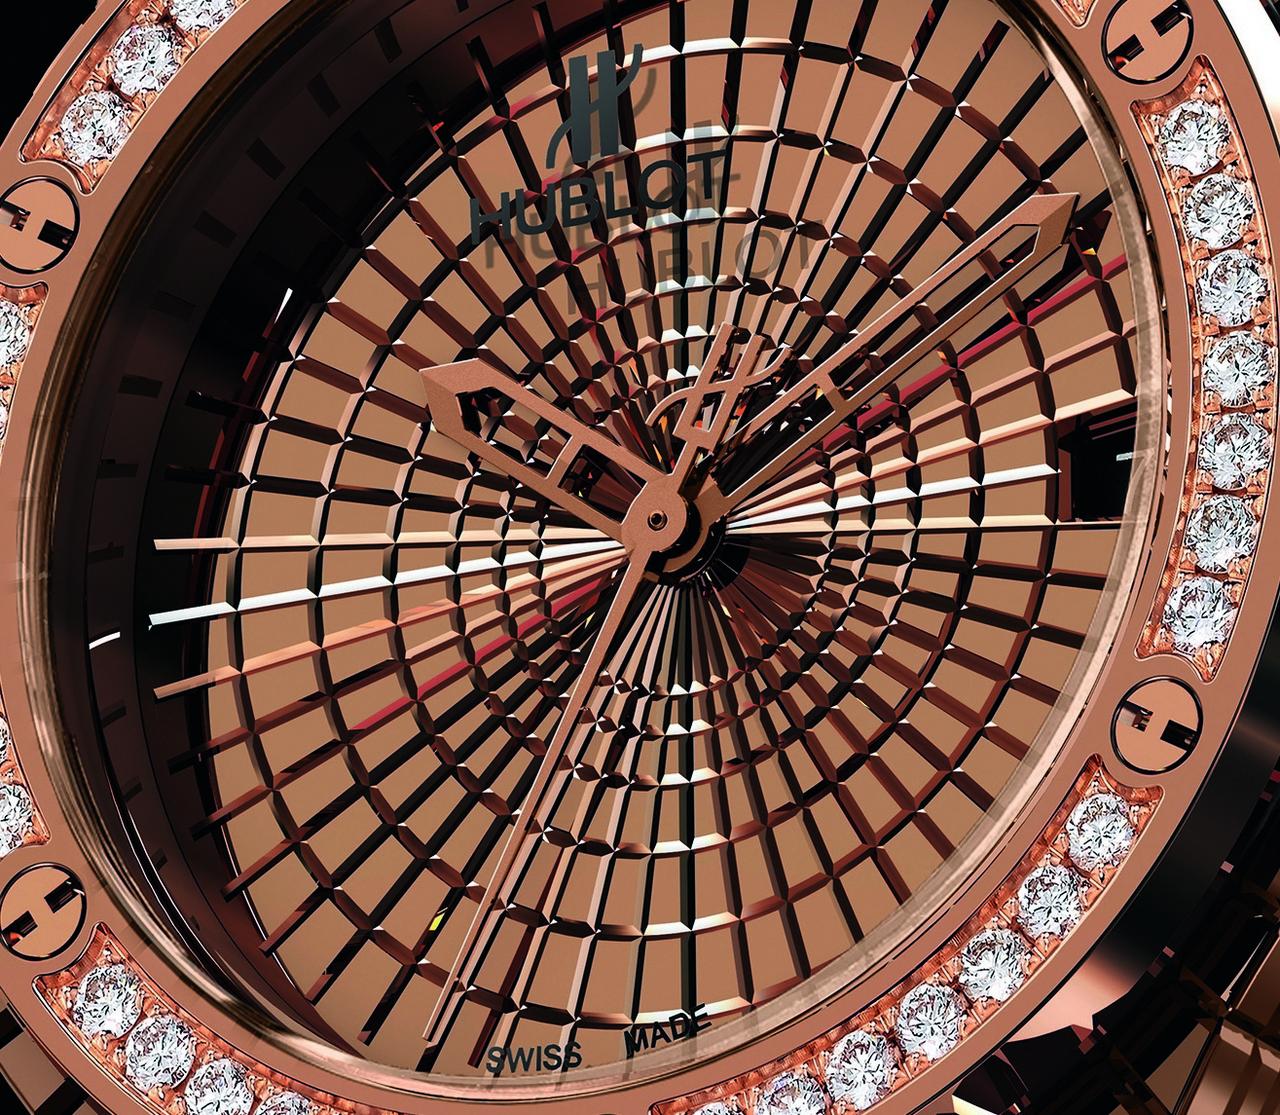 baselworld-2013-hublot-big-bang-caviar-red-gold-diamonds_0-100_4